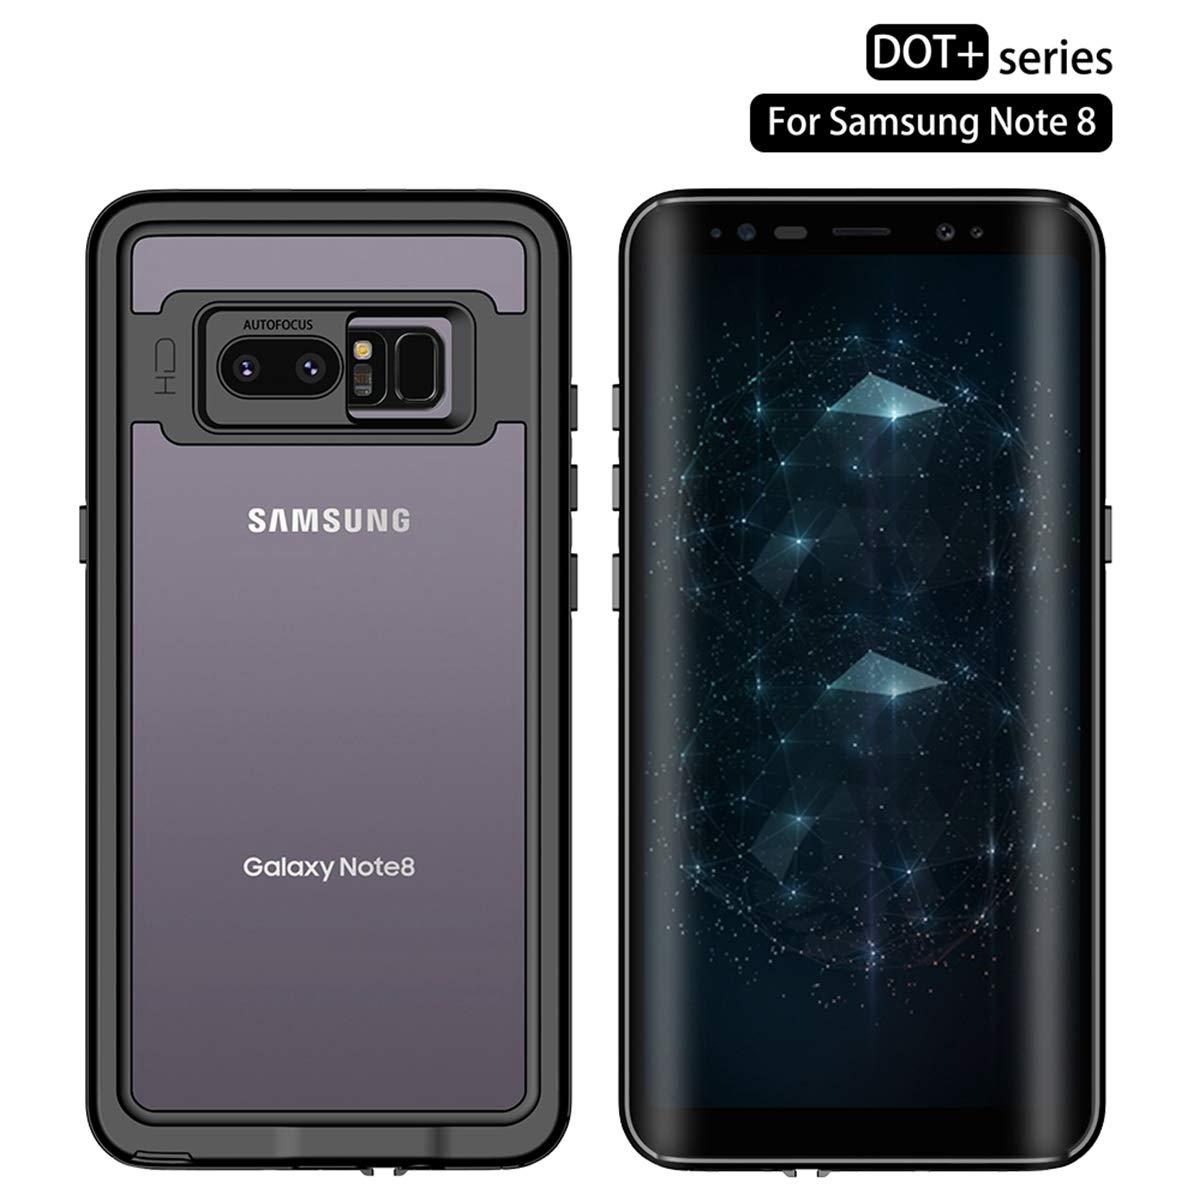 Galaxy Note 8 2017 Custodia Impermeabile, IP68 Antiurto Waterproof Custodia Schermo Incorporato, Prova Caduta Robusta, Protezione Prova Polvere Case per attività Protezione Prova Polvere Case per attività adorehouse UK25-SL-124